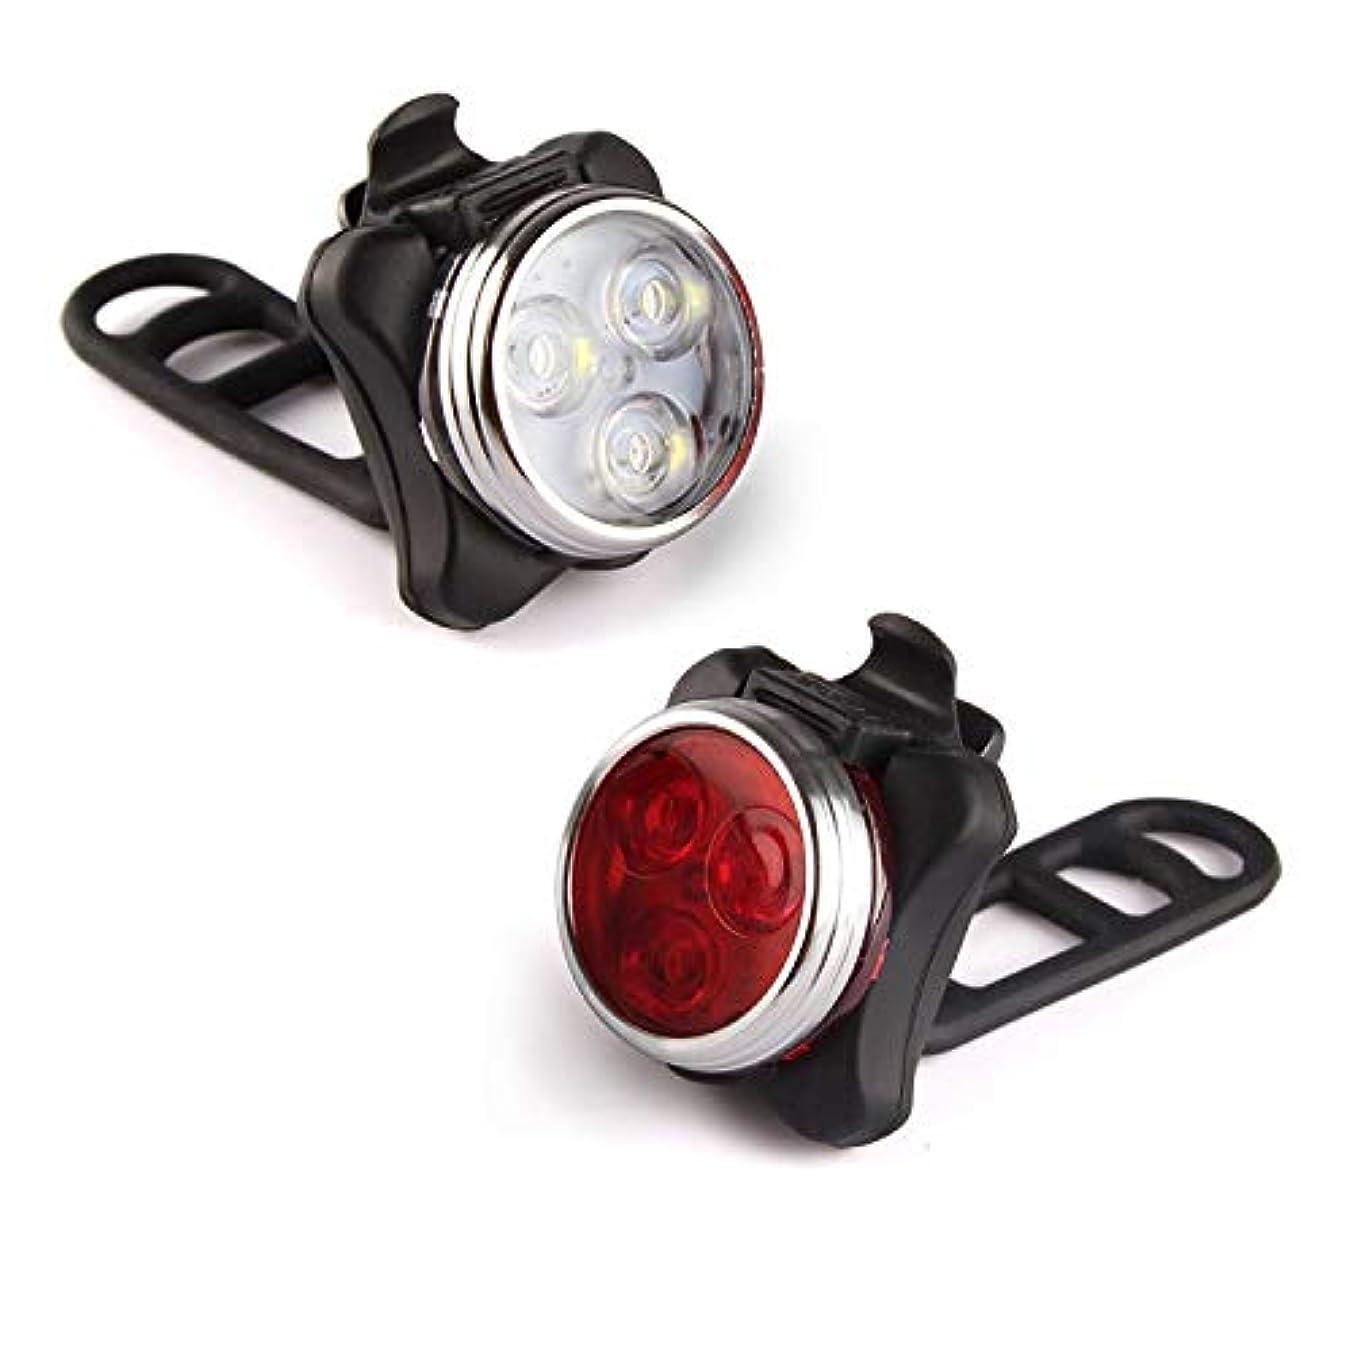 チャペル解体する汚いヘッドライト 自転車用ヘッドライト、防水充電式自転車用ライトセット、4つのライトモードオプション、650mahリチウム電池、LED自転車用ライト